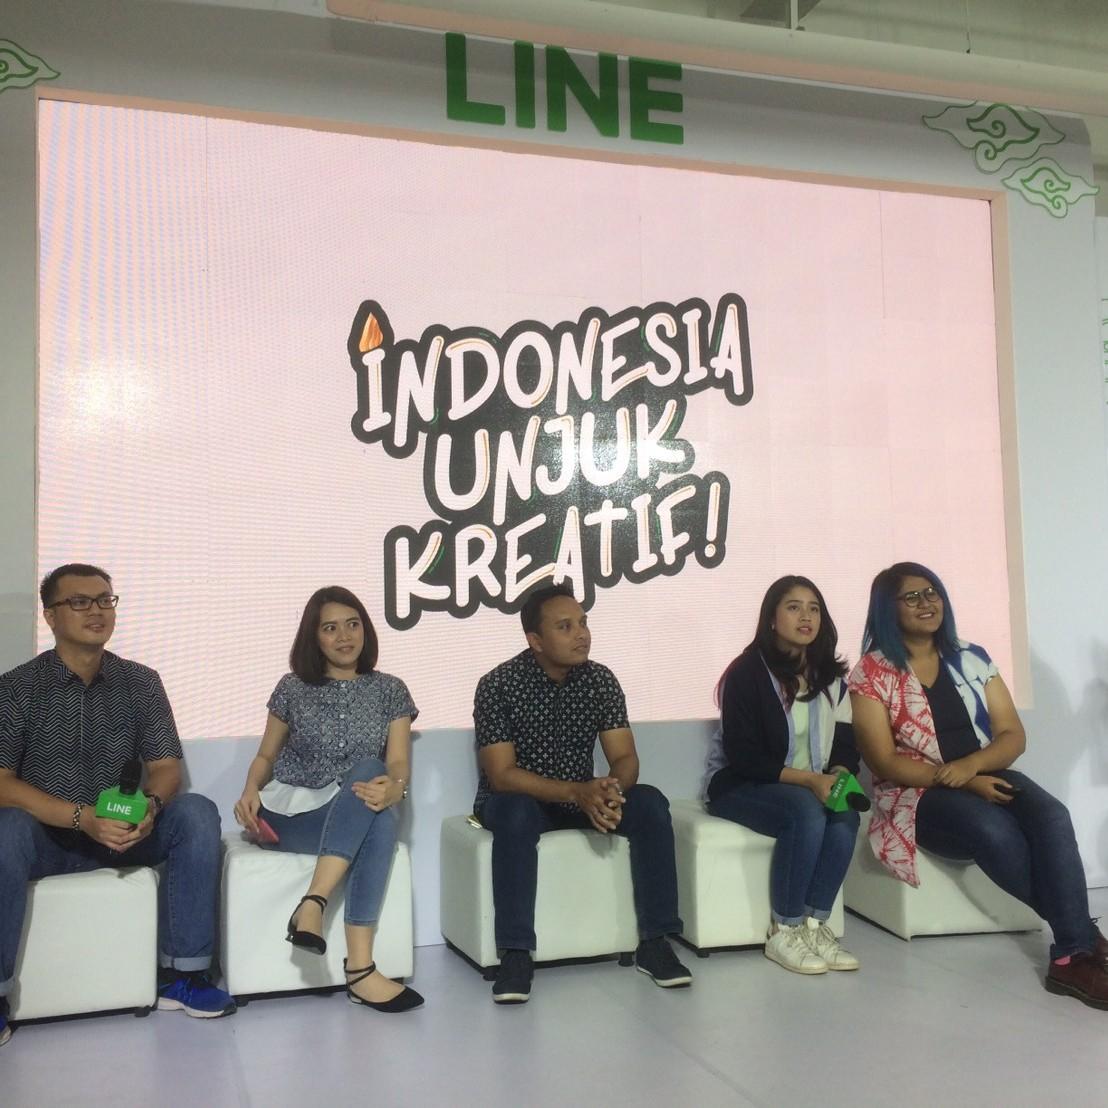 Tunjukan kreativitasmu di LINE Creativate 2017